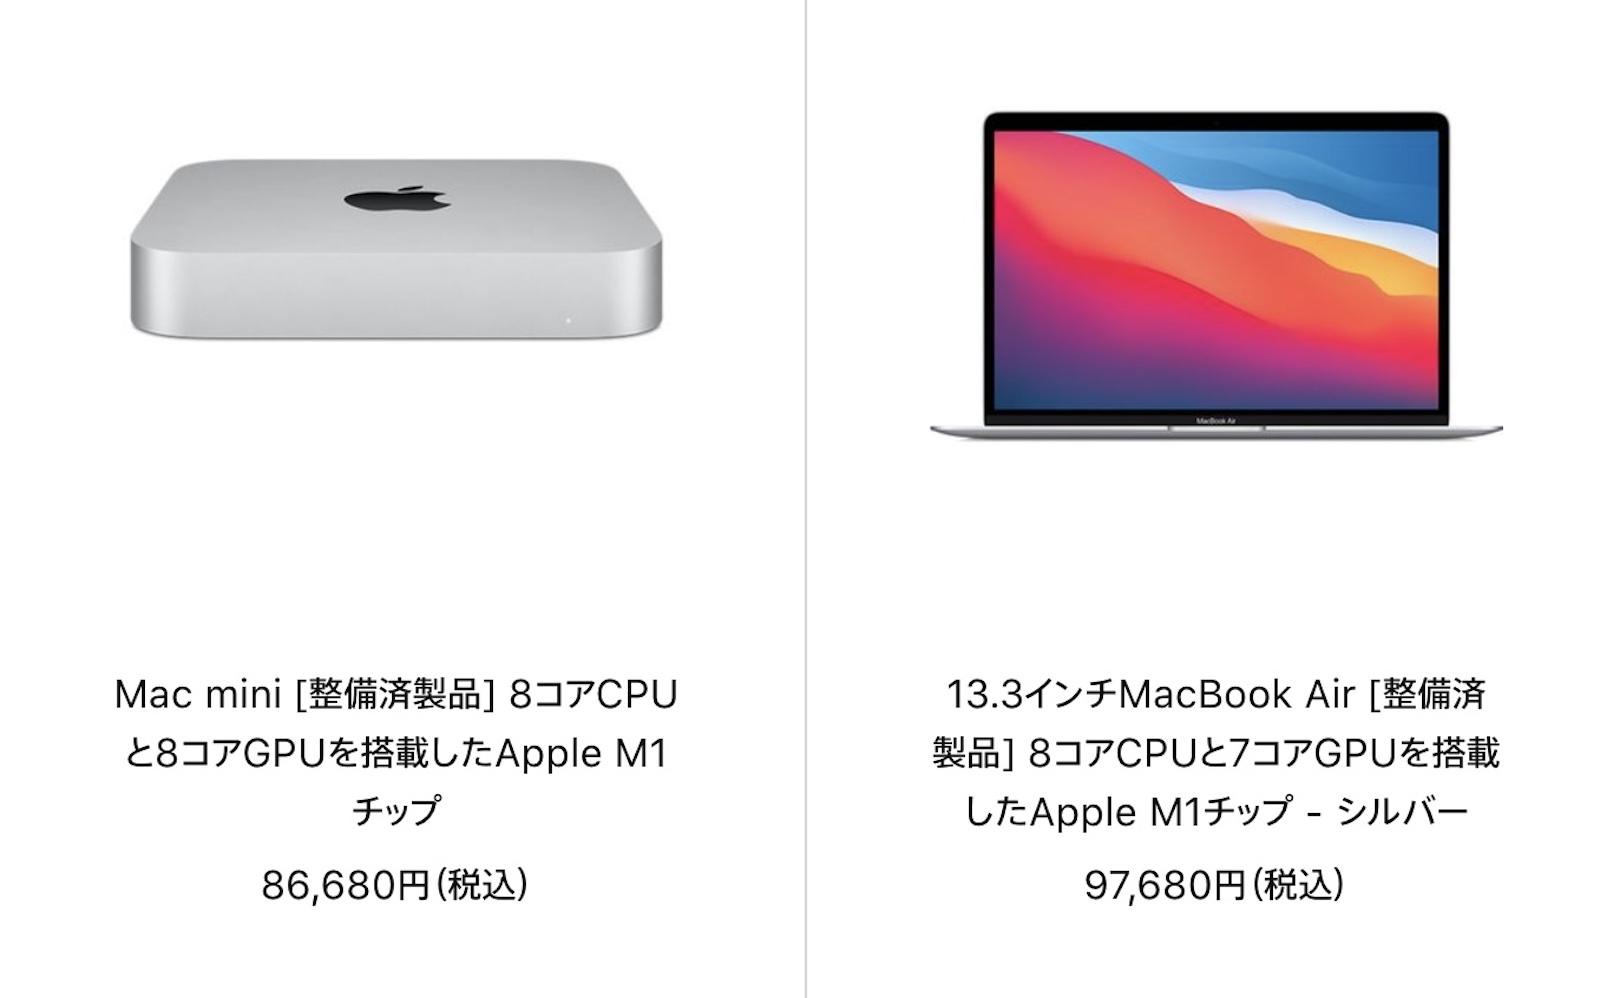 Mac refurbished models 20210521